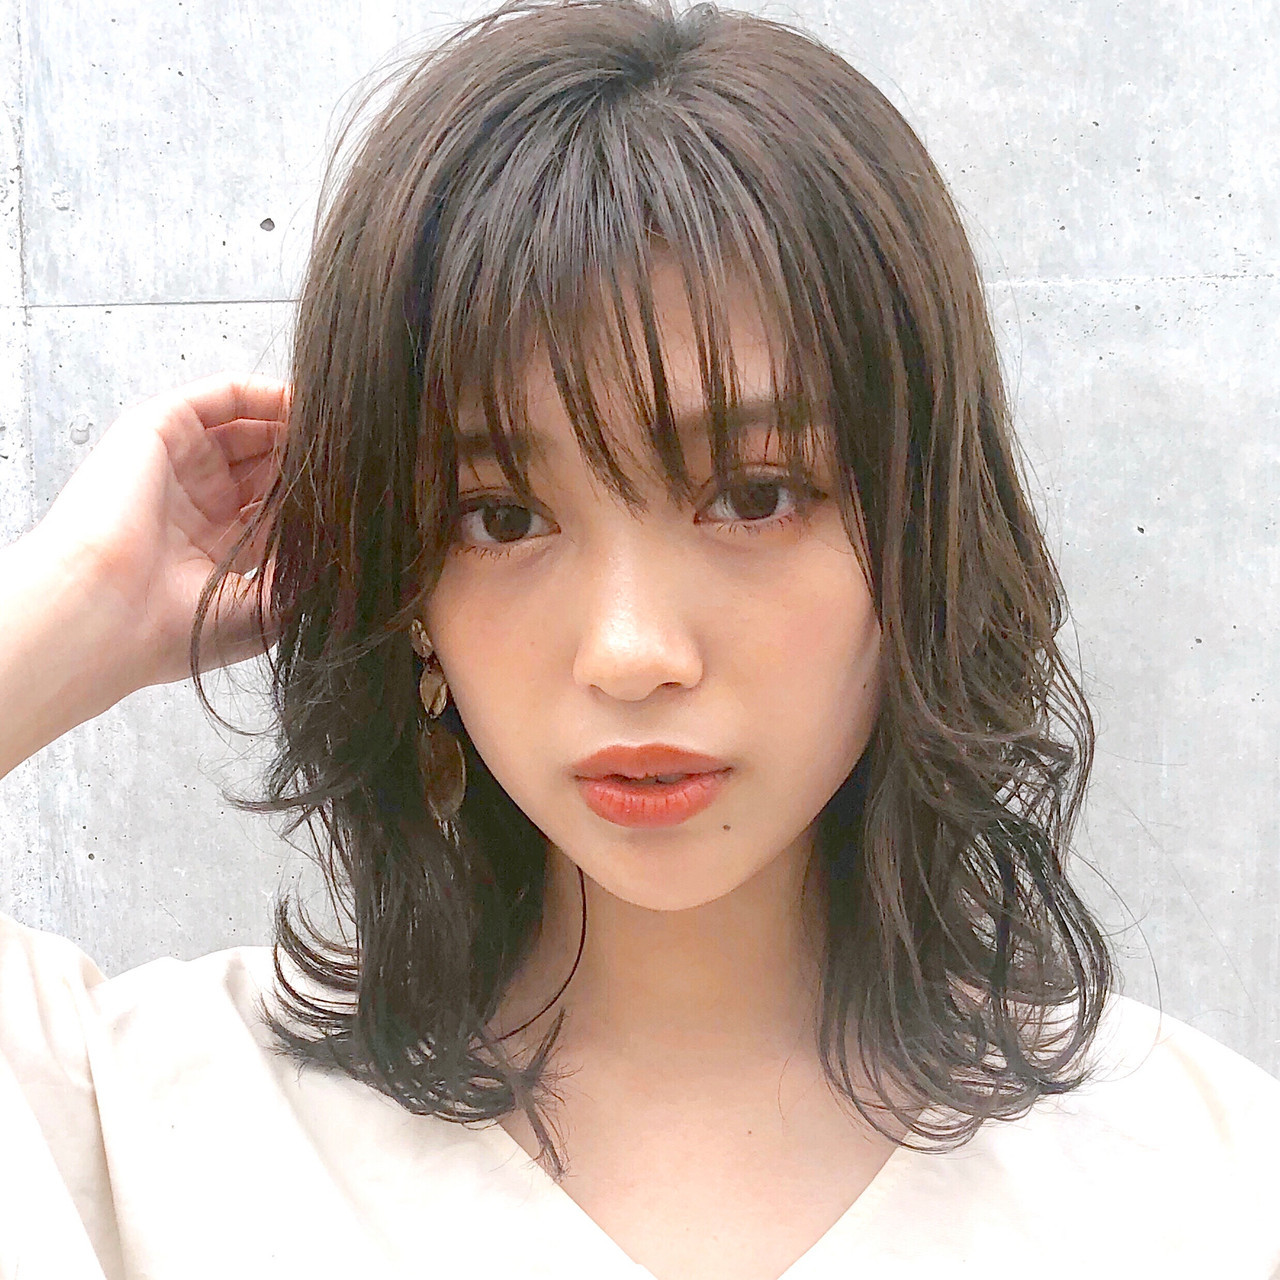 フェミニン ミディアム ウルフカット アンニュイほつれヘア ヘアスタイルや髪型の写真・画像